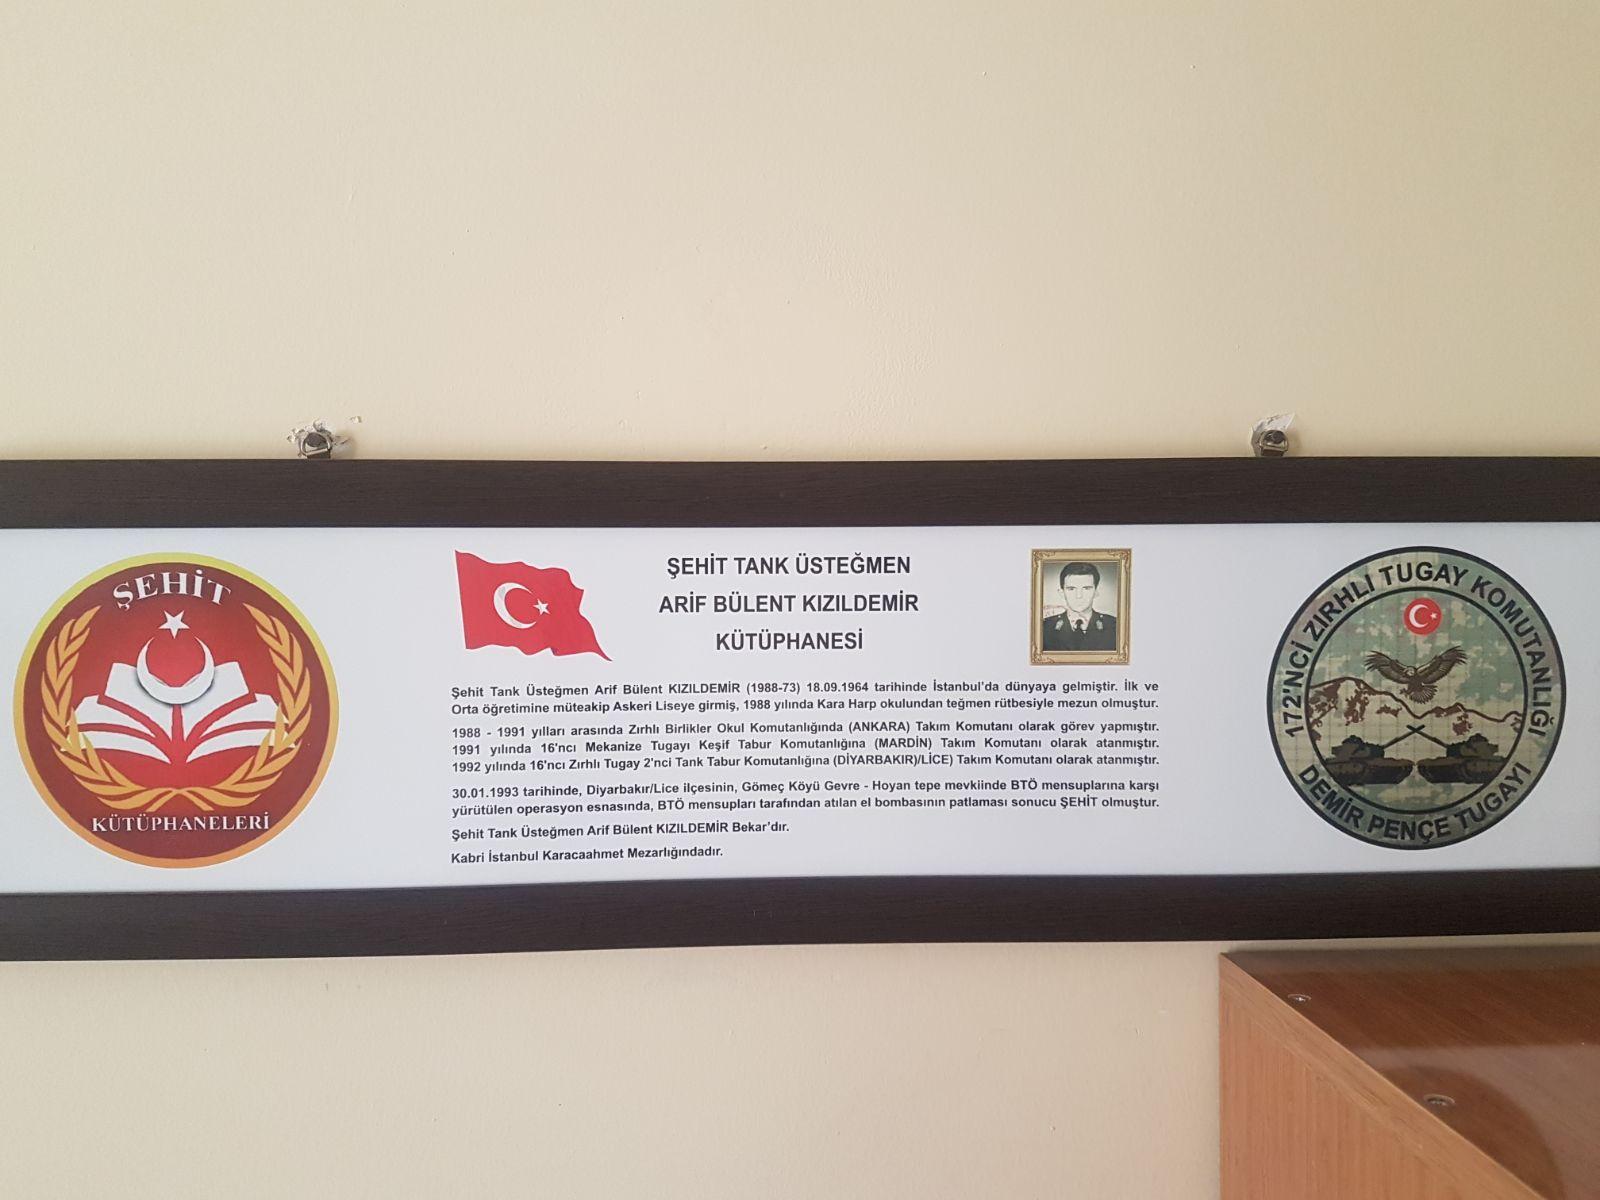 Şehit Tank Üsteğmen Arif Bülent KIZILDEMİR